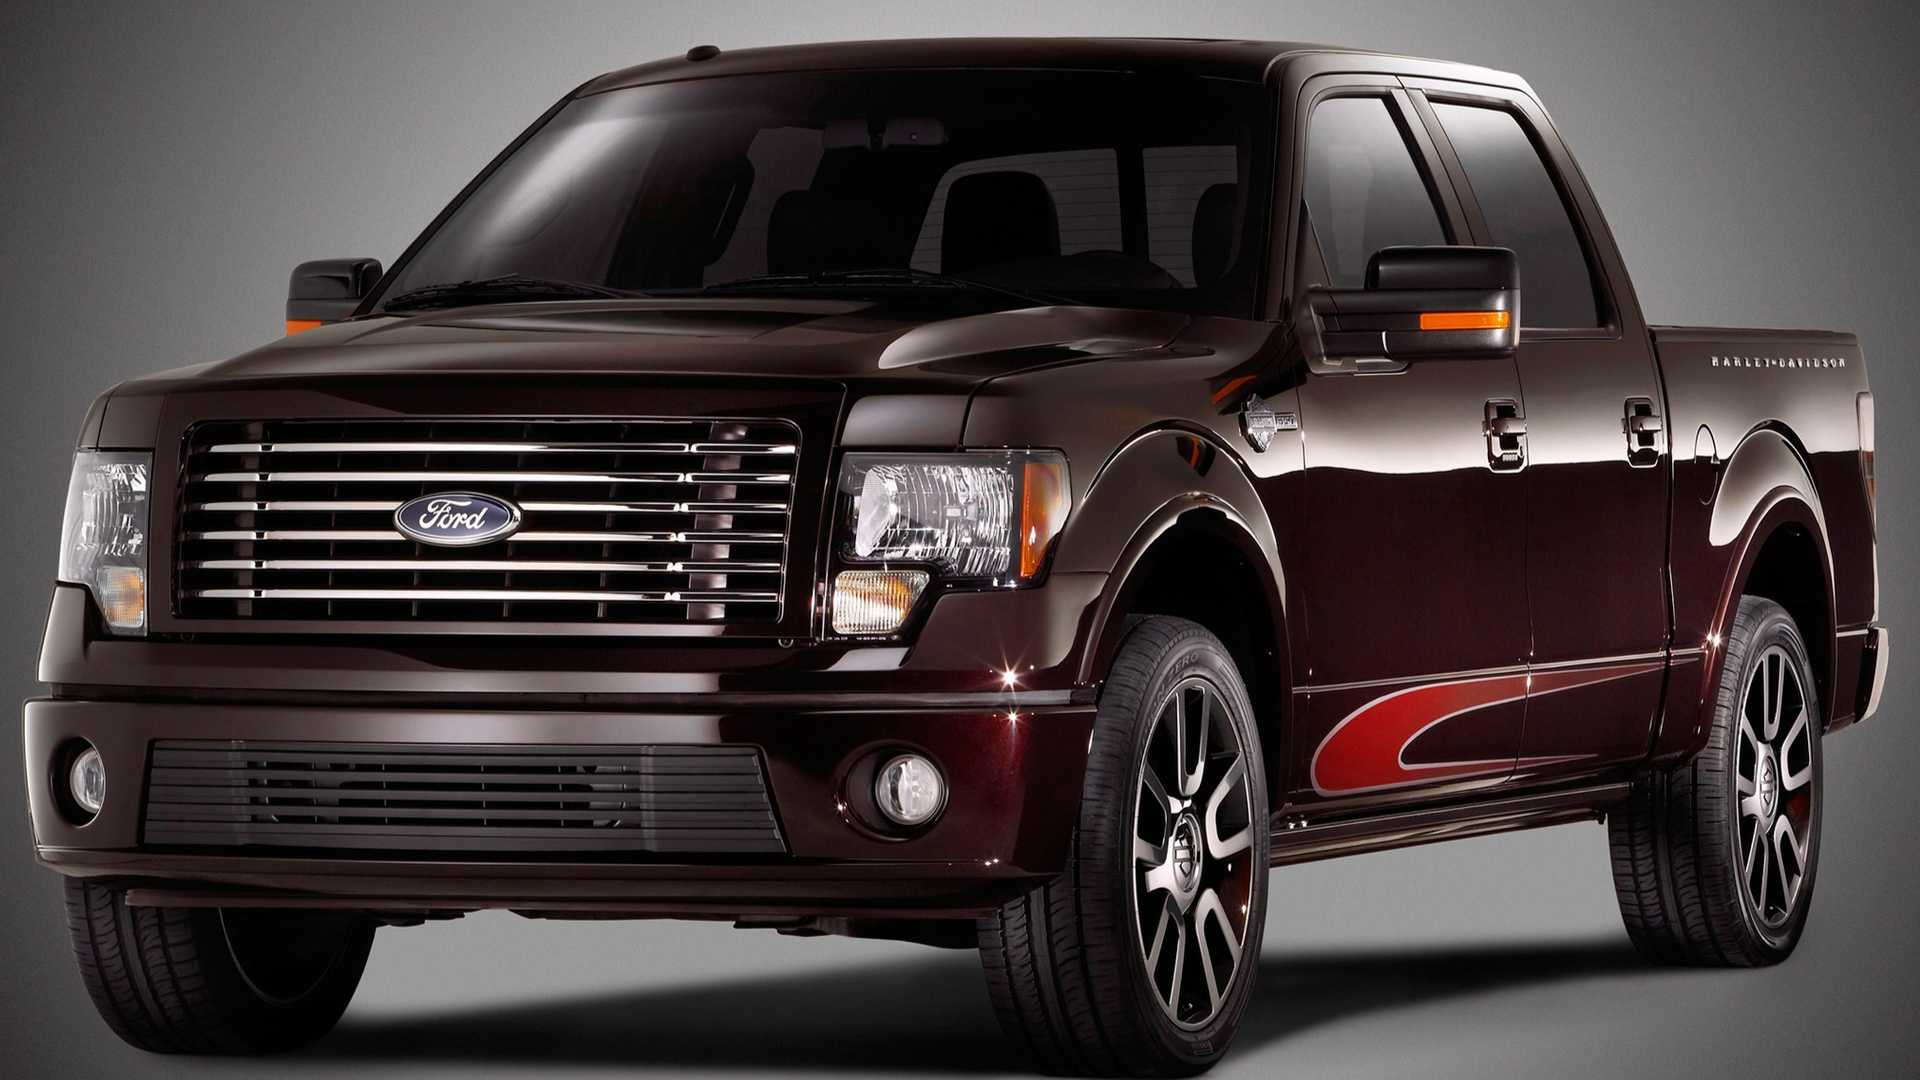 Ford Recalls 1 48 Million F-150s For Sudden Downshift, Crash